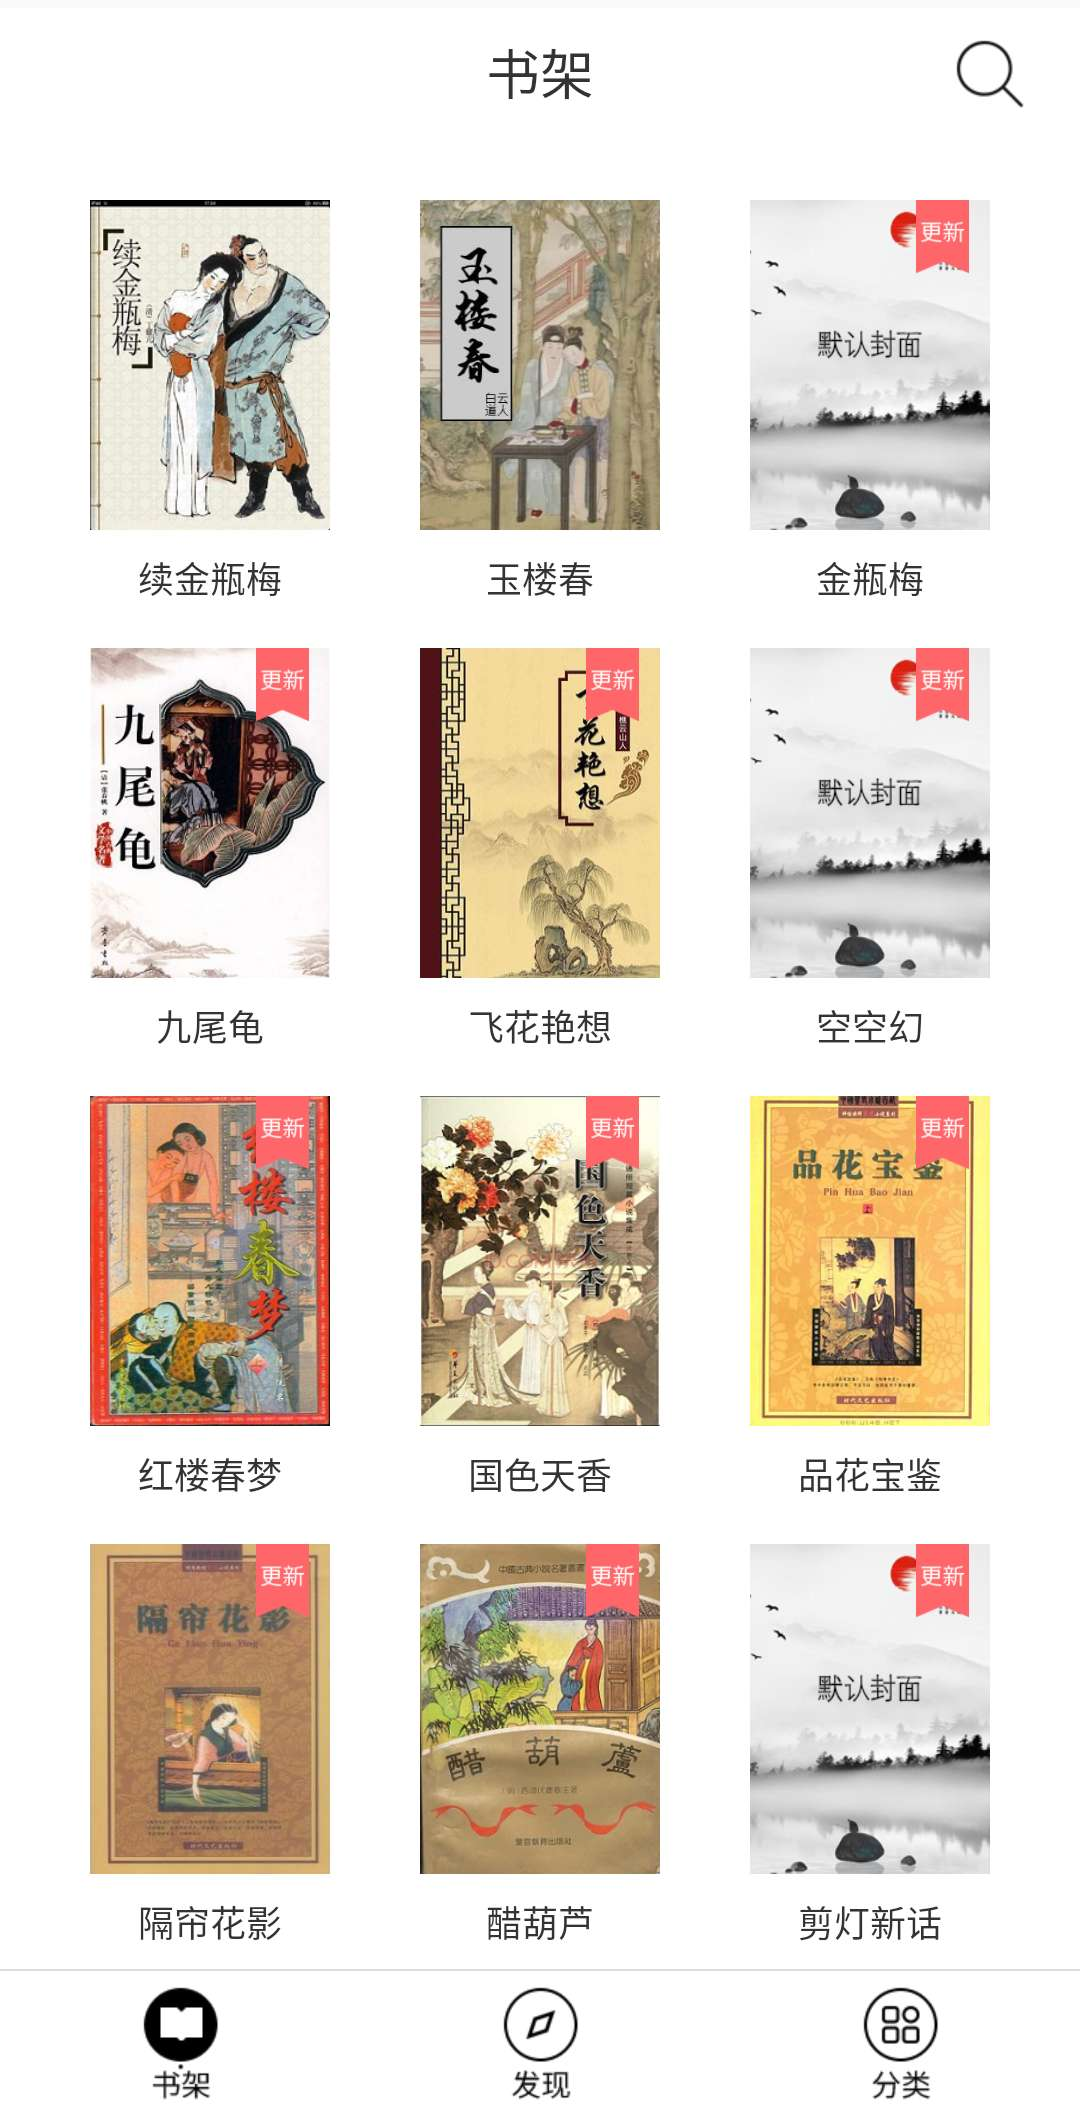 【分享】明清禁书一款阅读古代明清小说软件